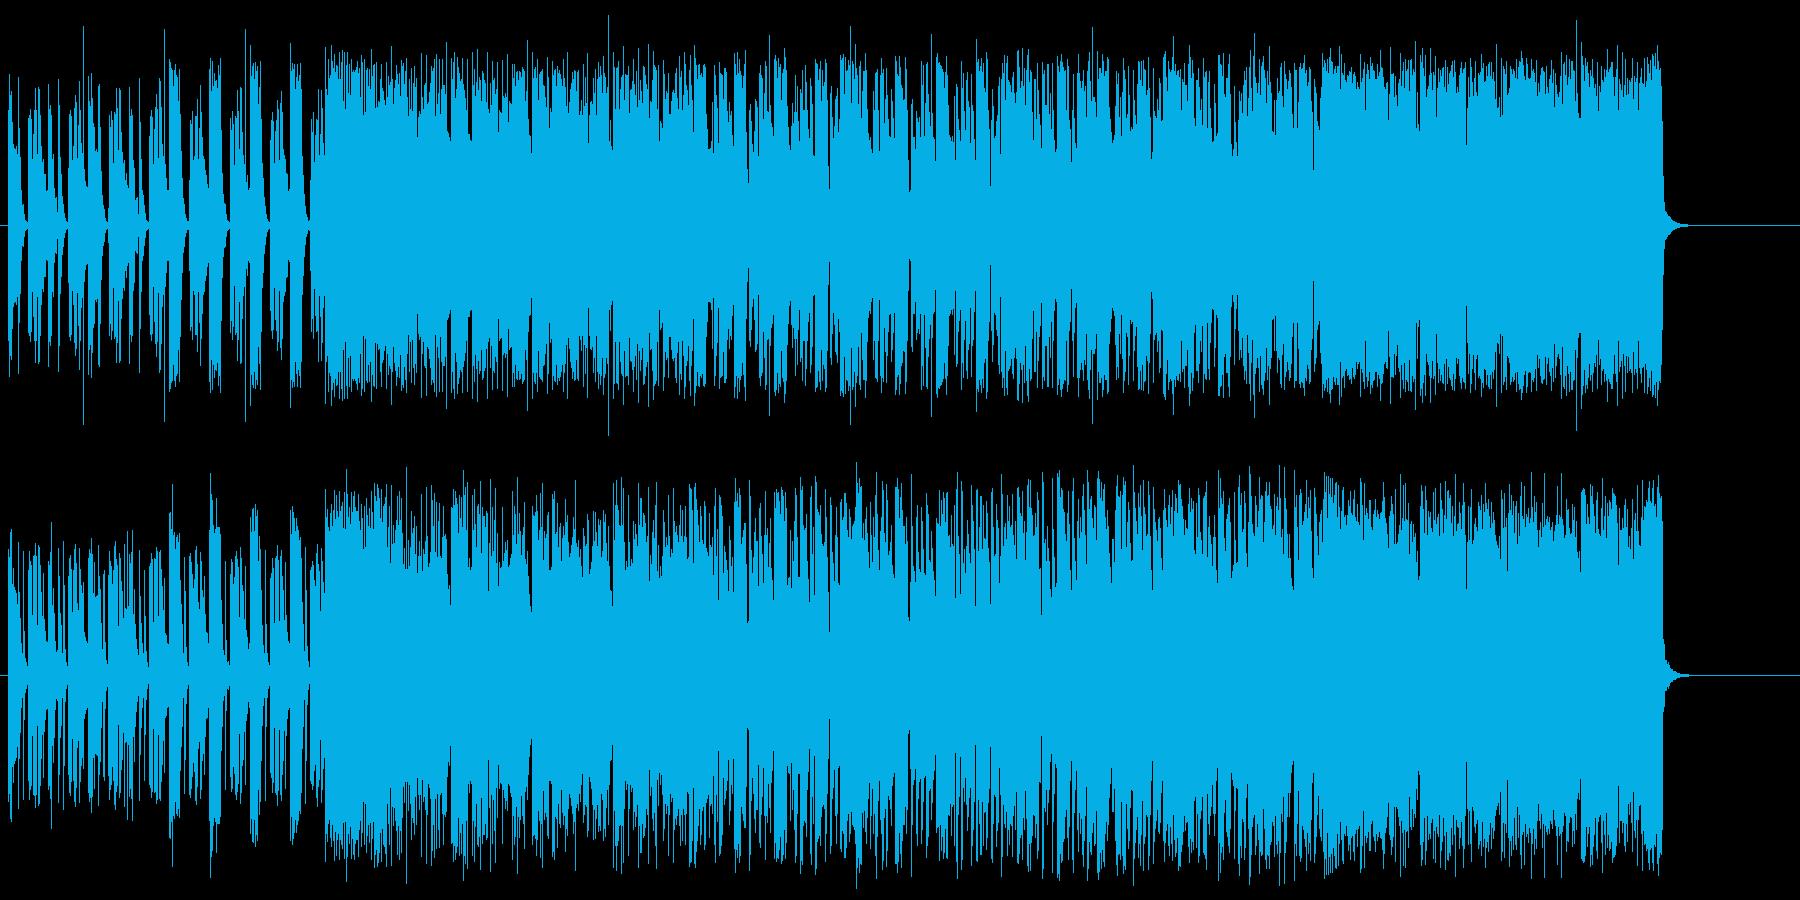 エレクトリックなミクスチャー・ロックの再生済みの波形